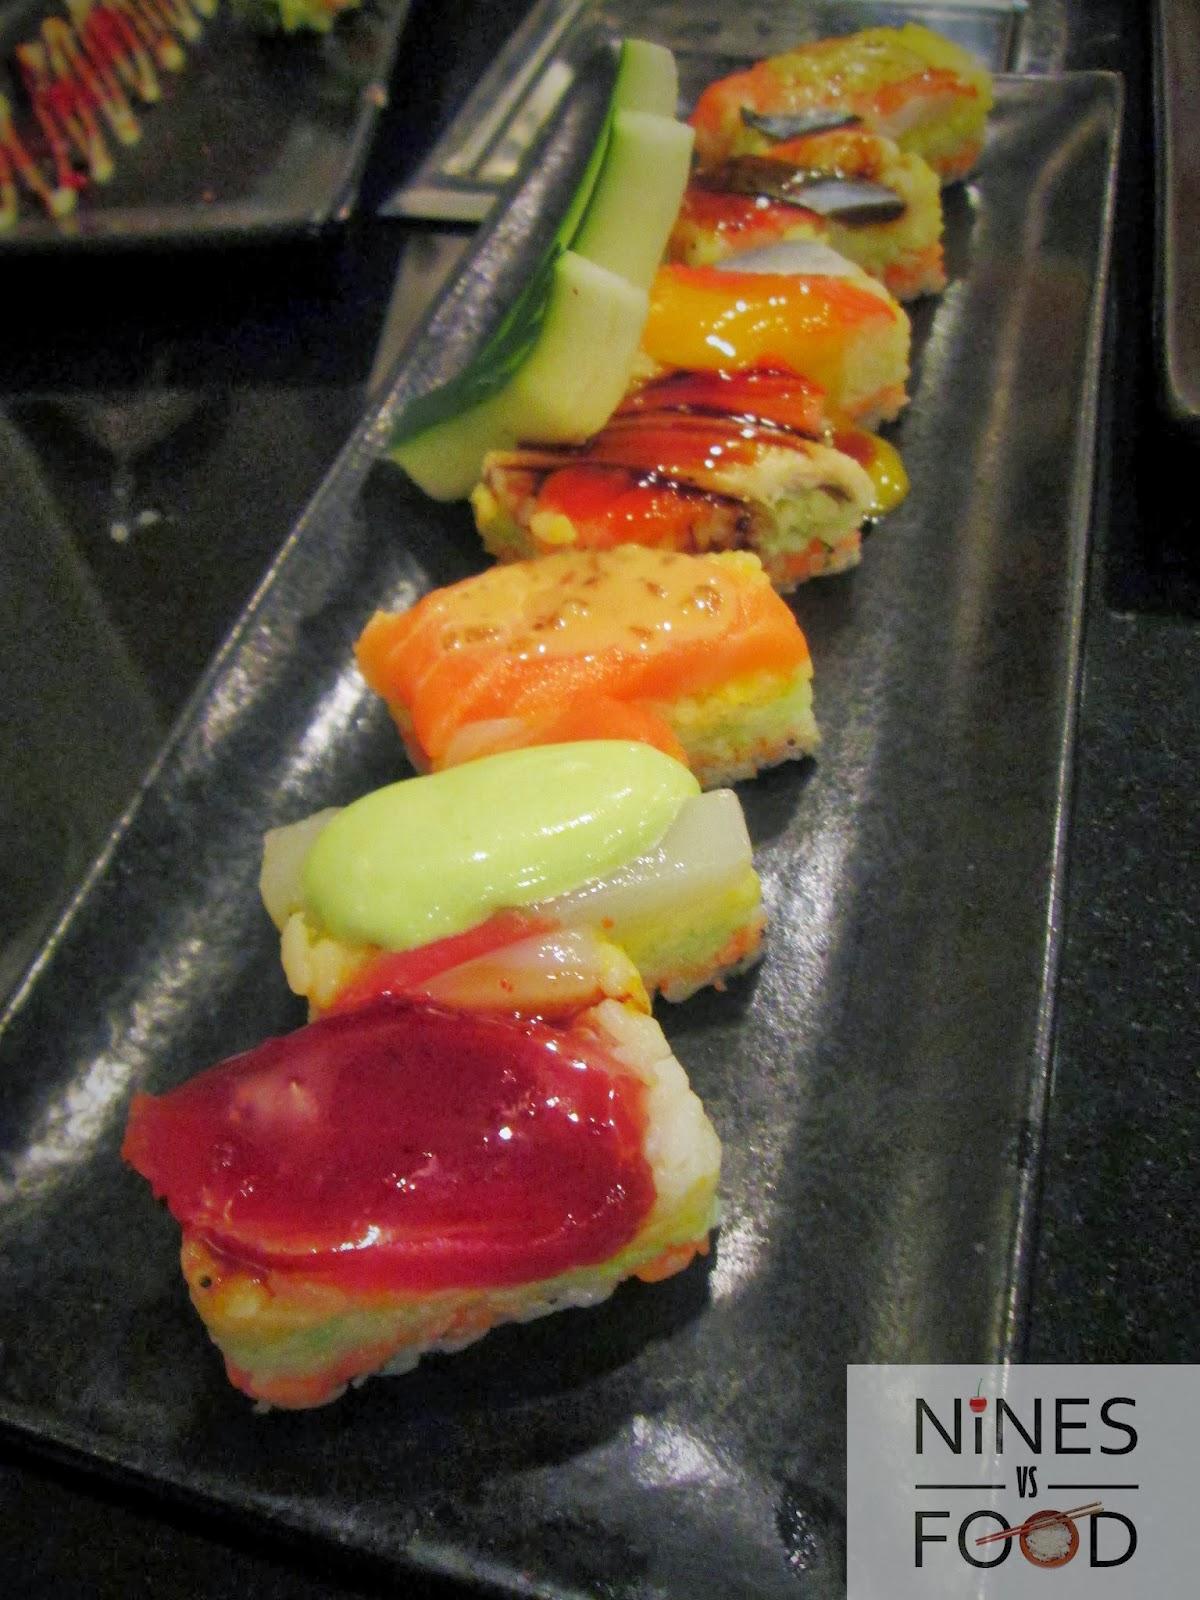 Nines vs. Food - Ogetsu Hime SM Aura Taguig-14.jpg